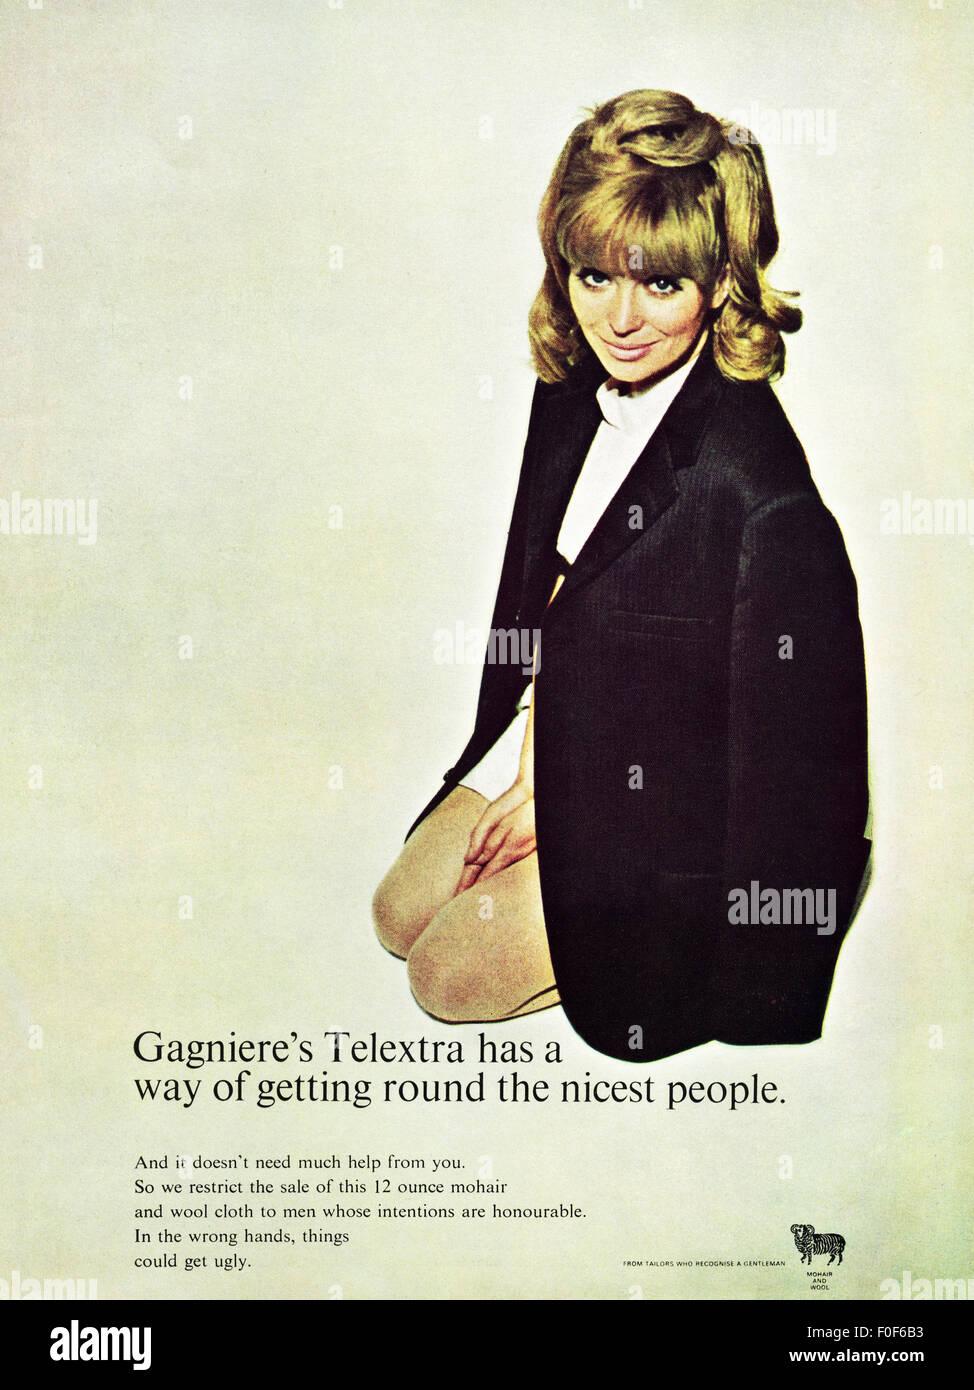 1960 Anuncio. Magazine fecha de 1968 anuncio publicitario del Gagniere Telextra mohair y lana 60s moda retro Imagen De Stock